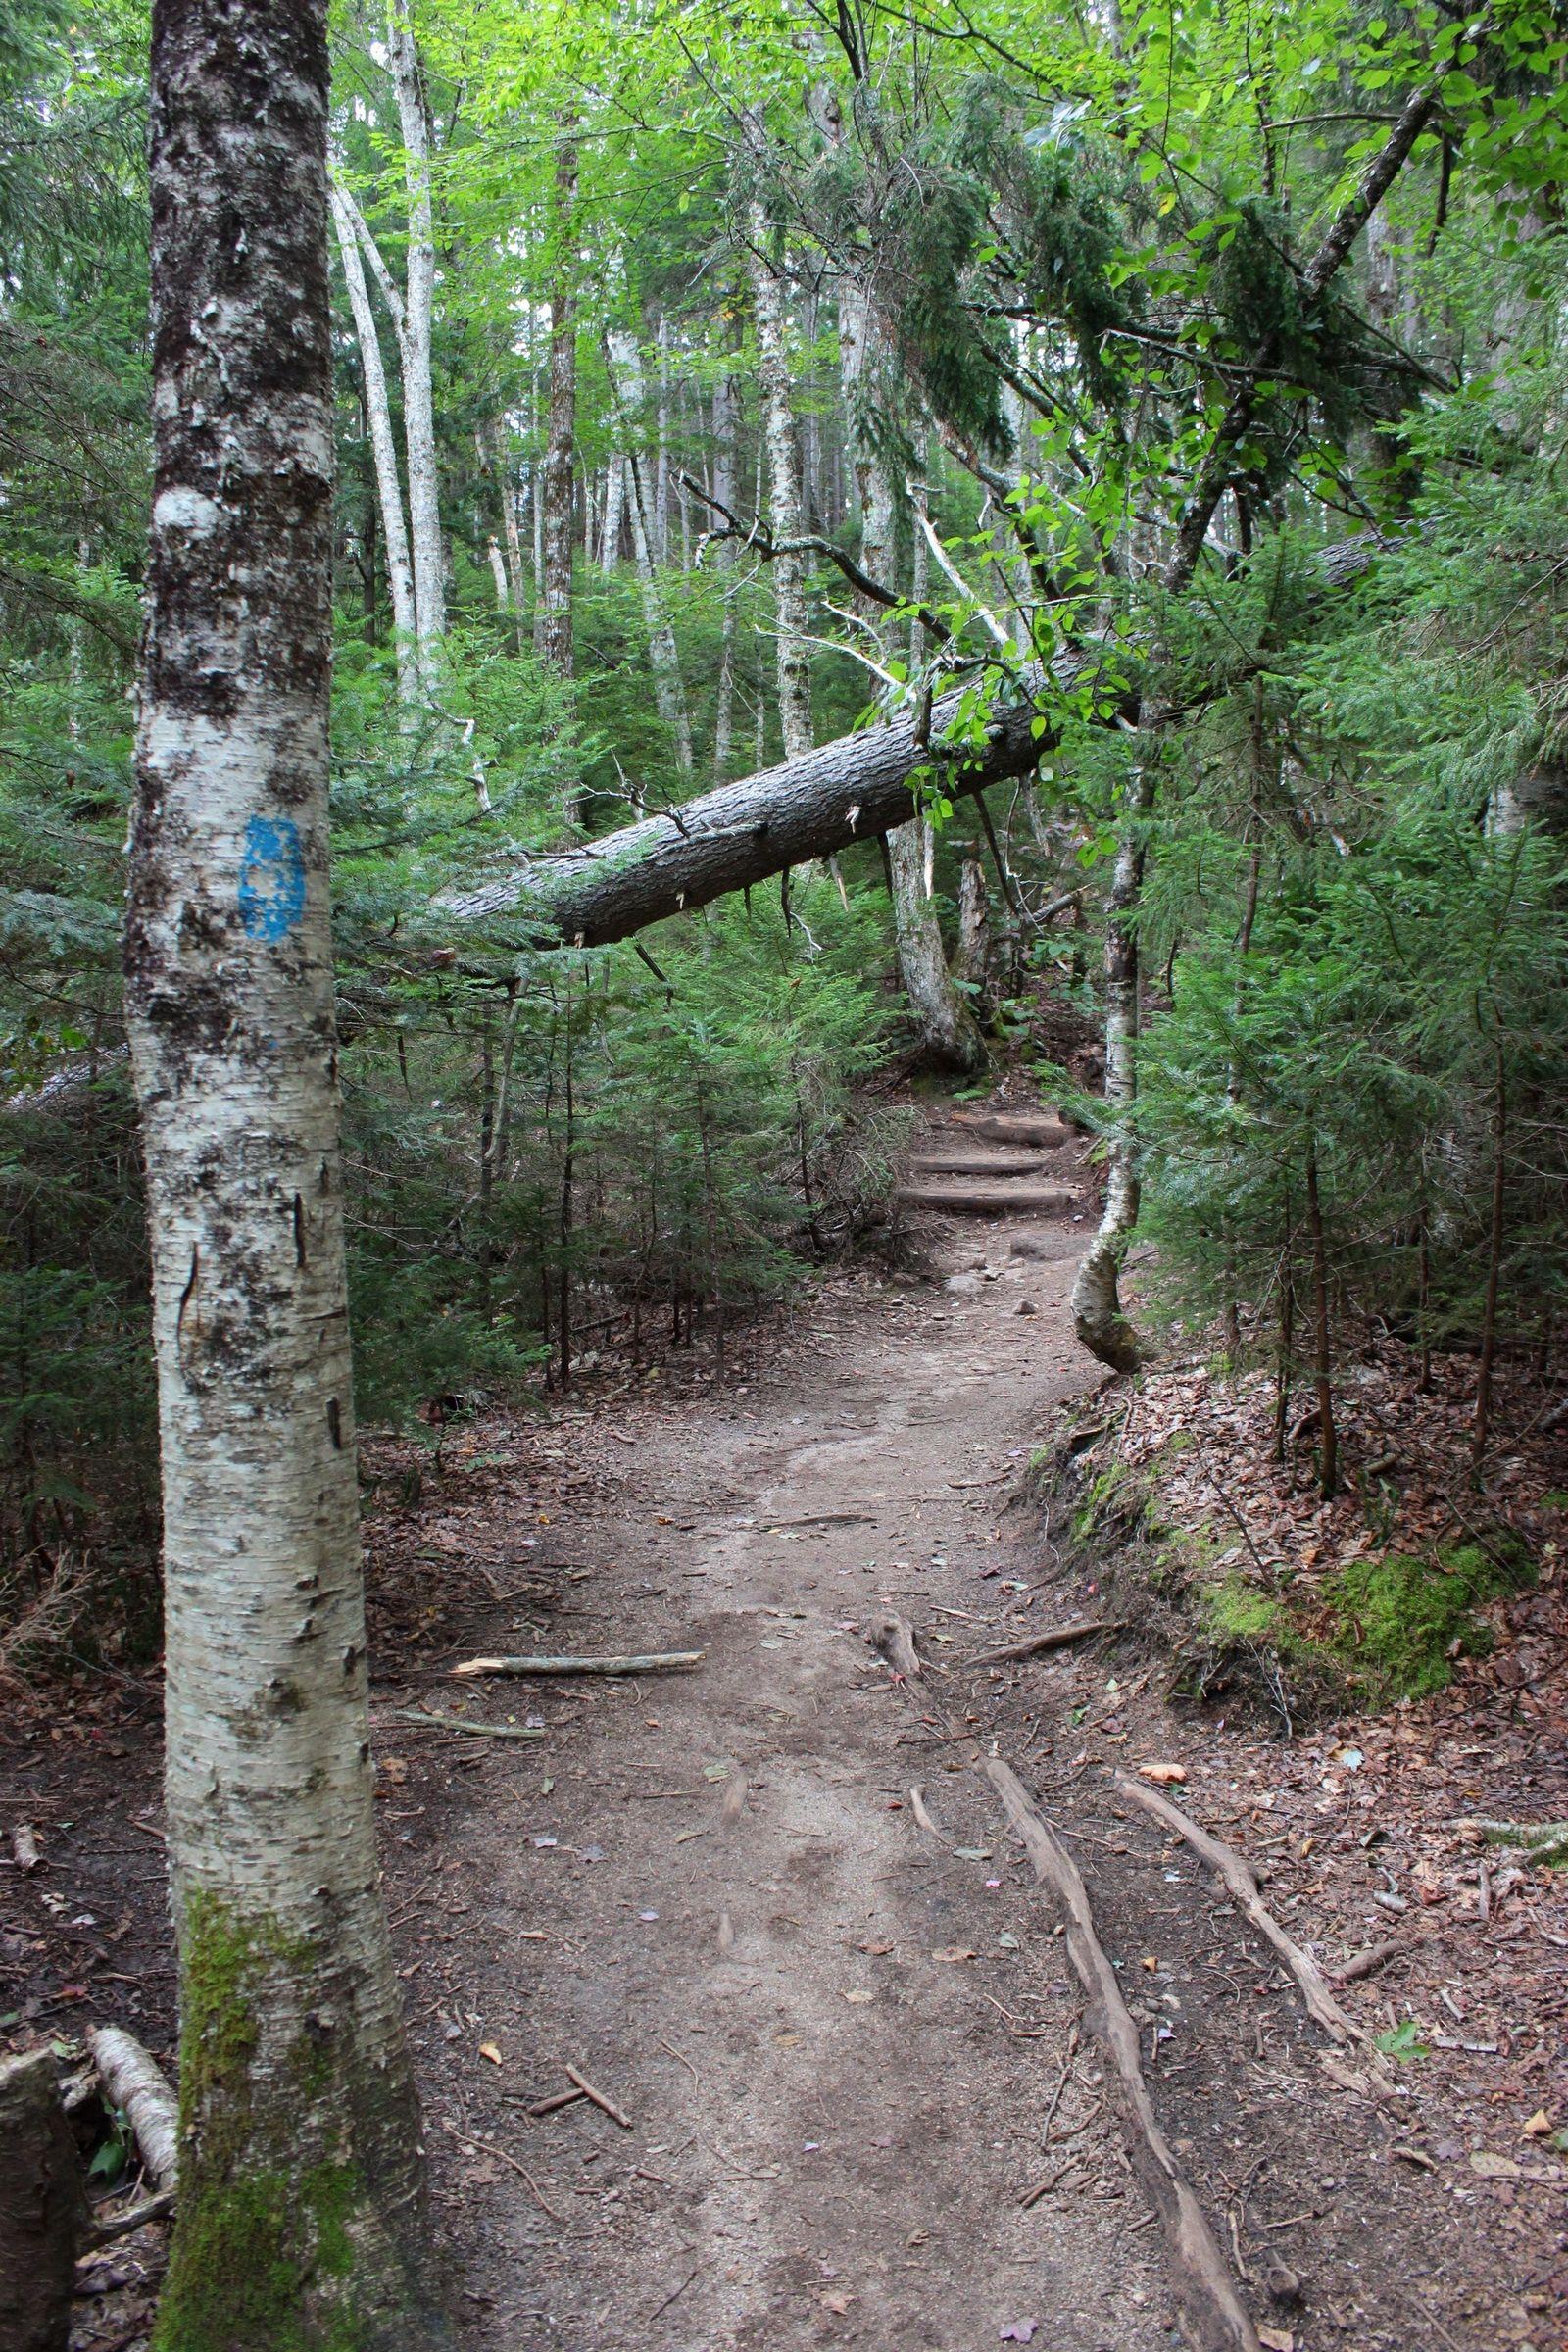 ... hitos azules en los árboles y rocas...